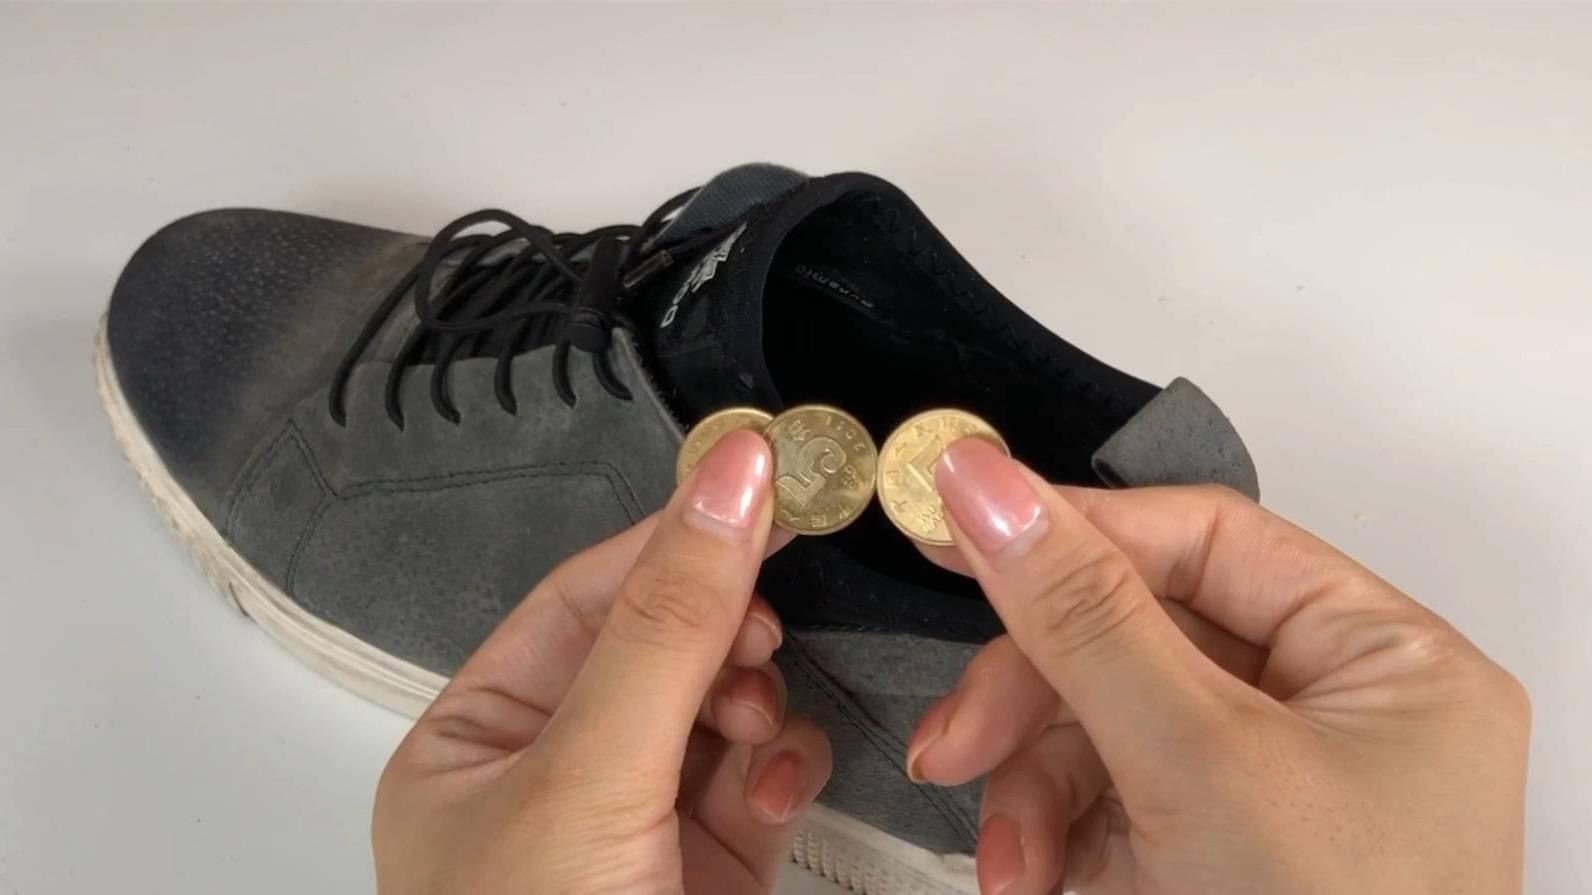 鞋子太臭怎么快速去除(鞋子里面好臭用什么方法)插图(5)